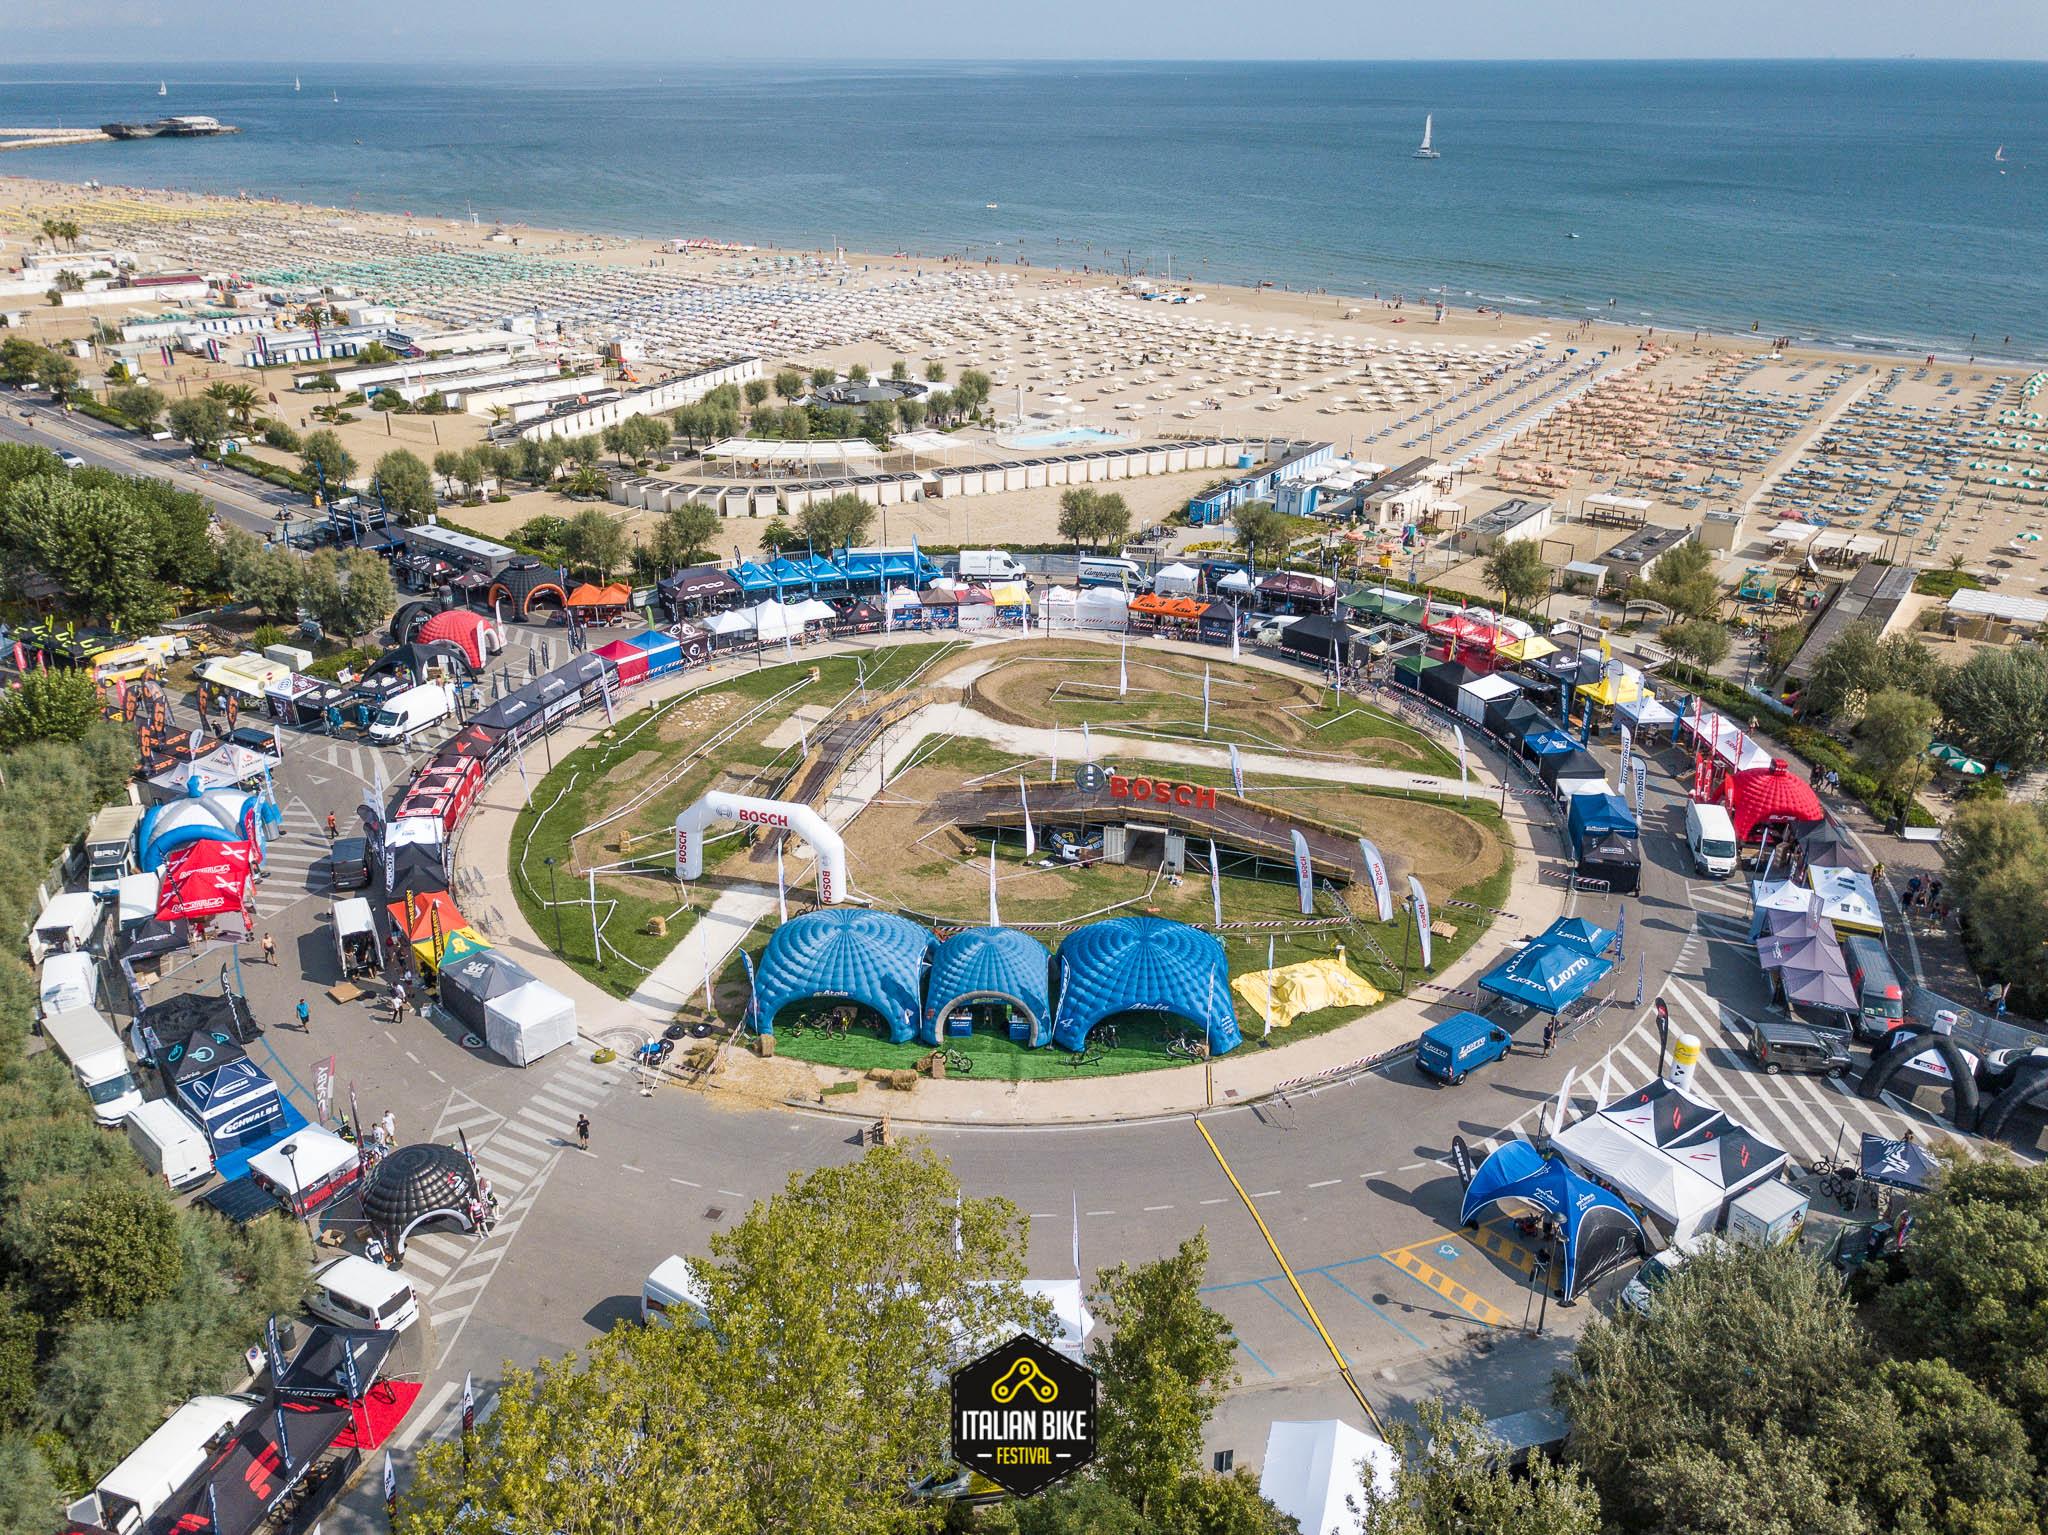 ItalianBikeFestival: la bici va al mare…